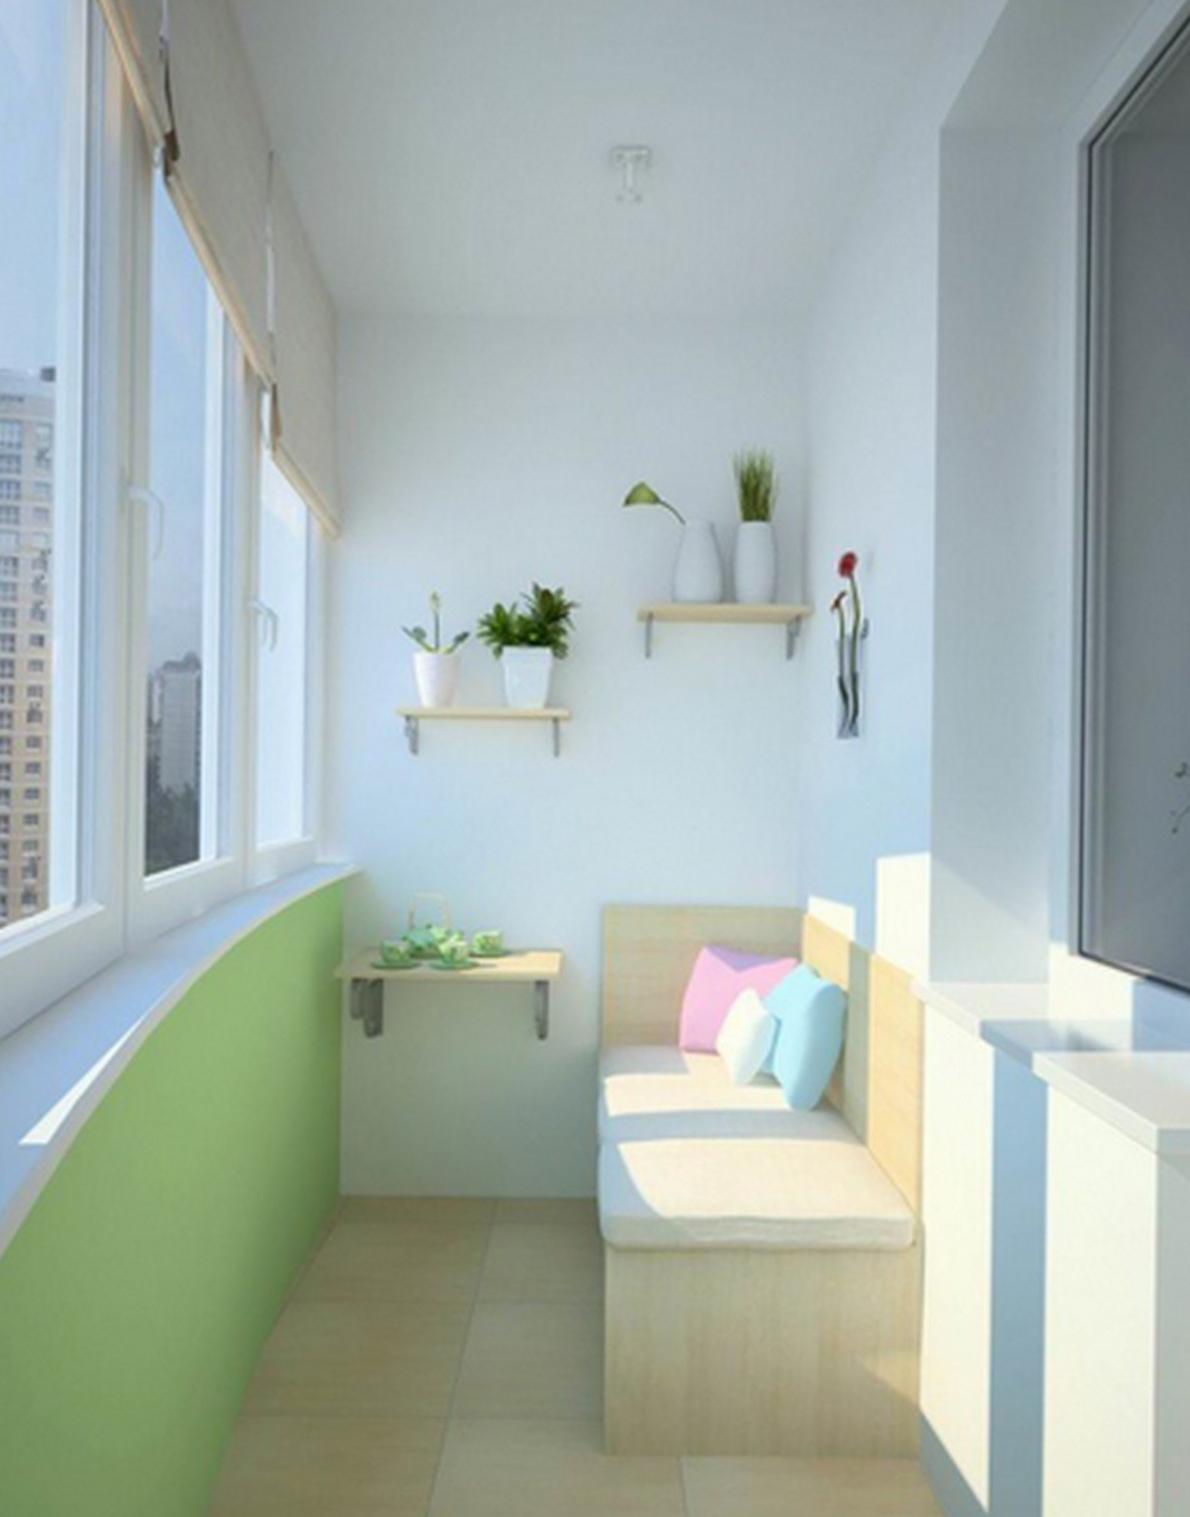 Узкий балкон интерьер дизайн Балконные идеи. Закрытые балконы и лоджии Фотографии